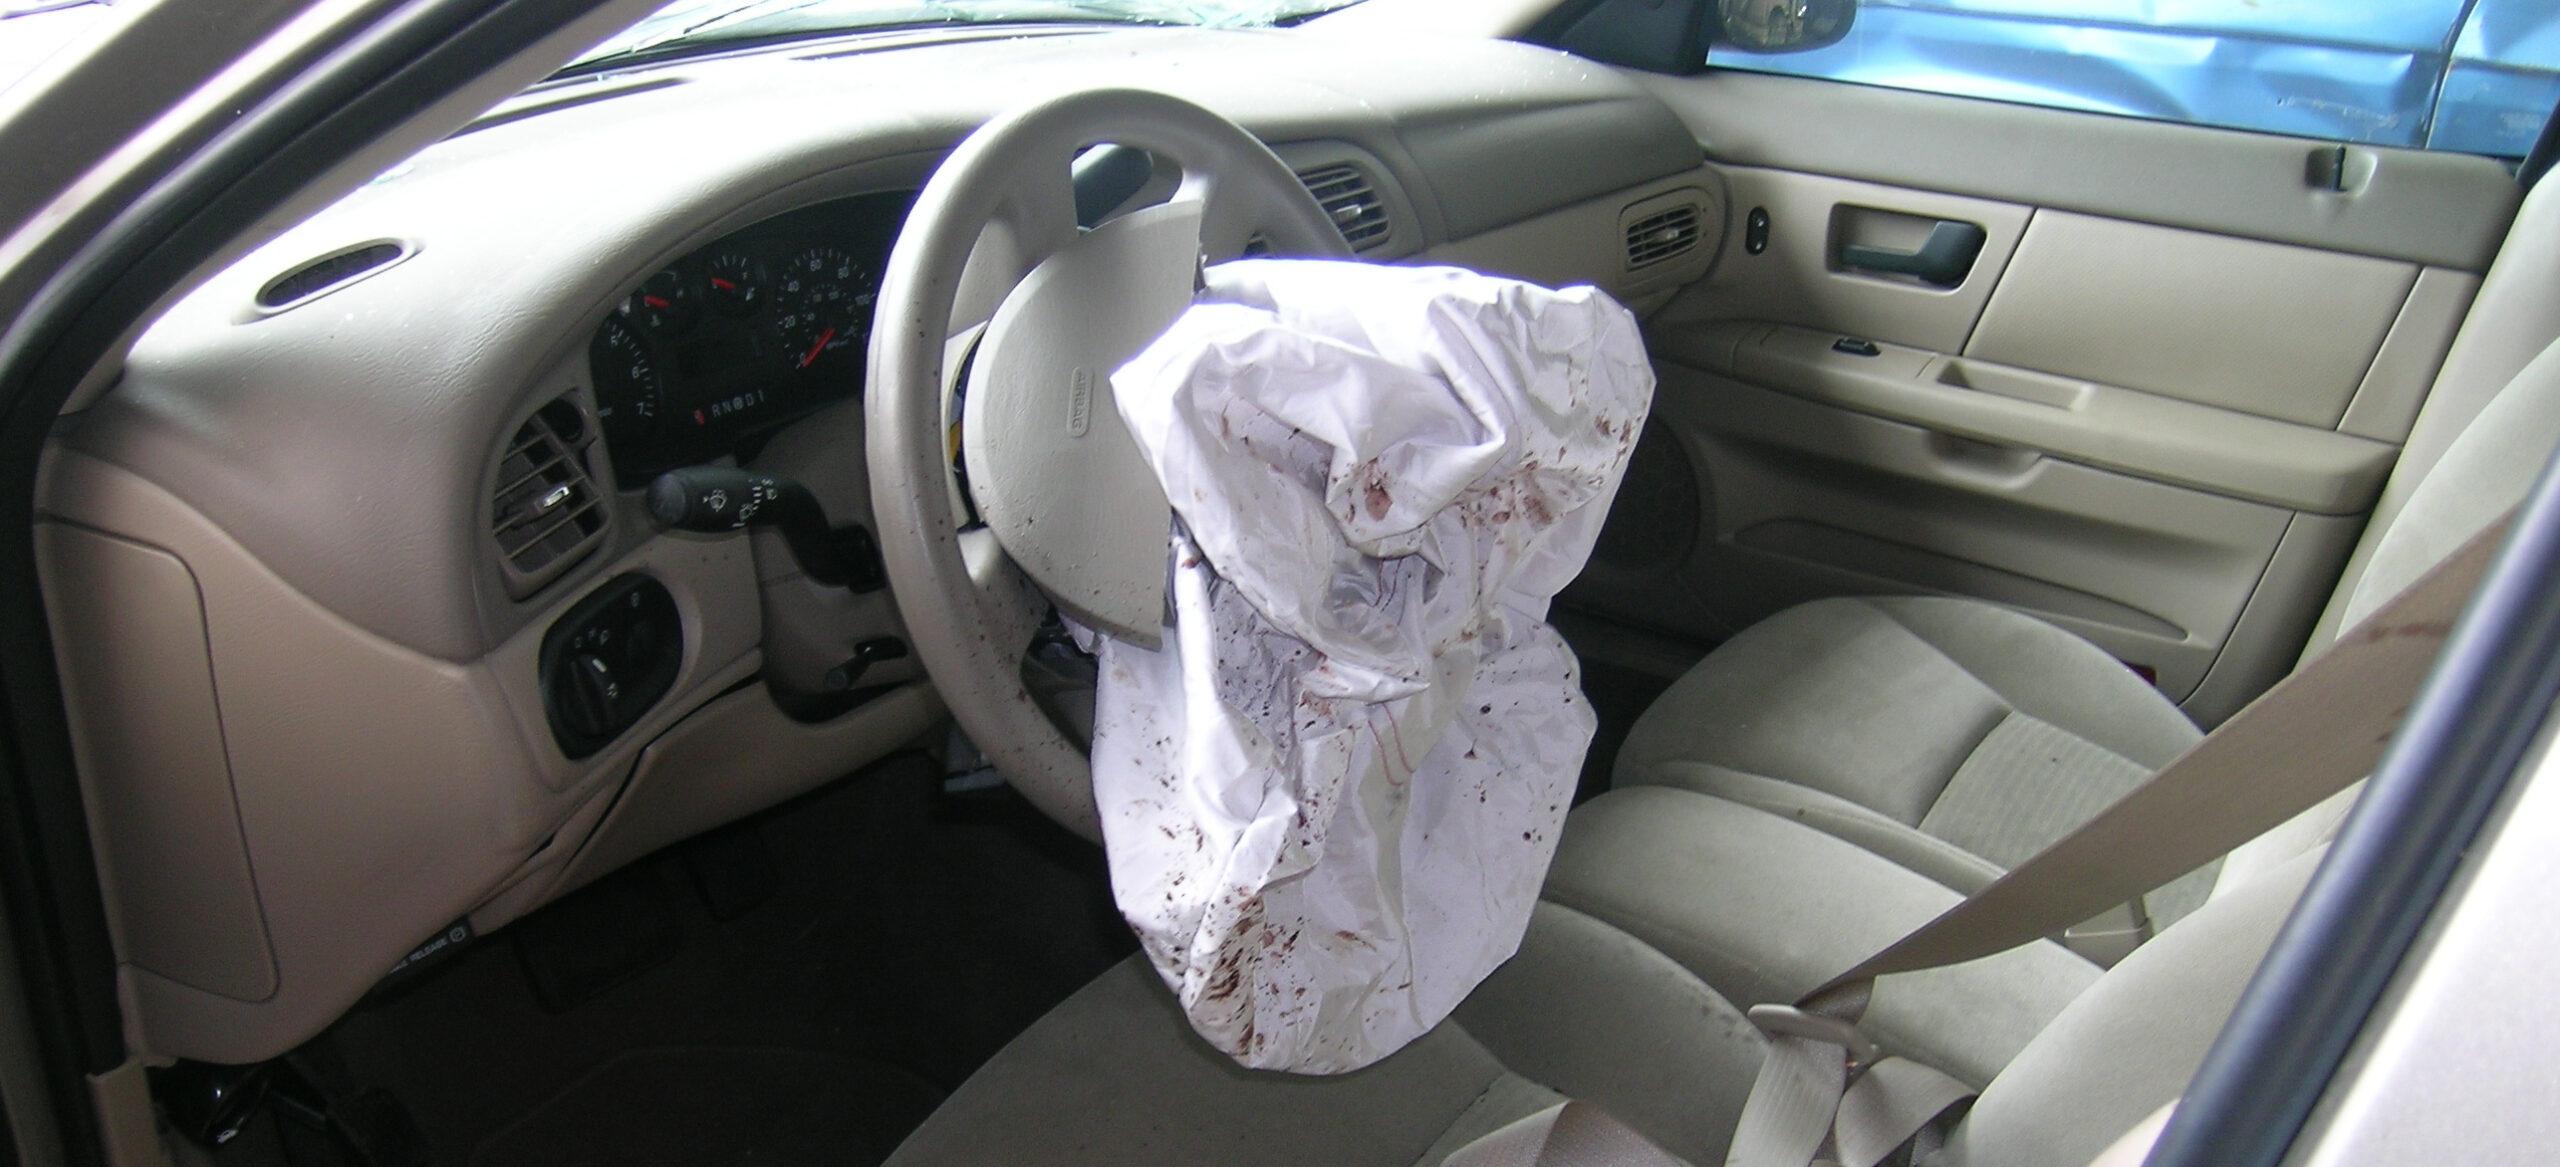 ¿Cuánto cuesta cambiar un airbag?